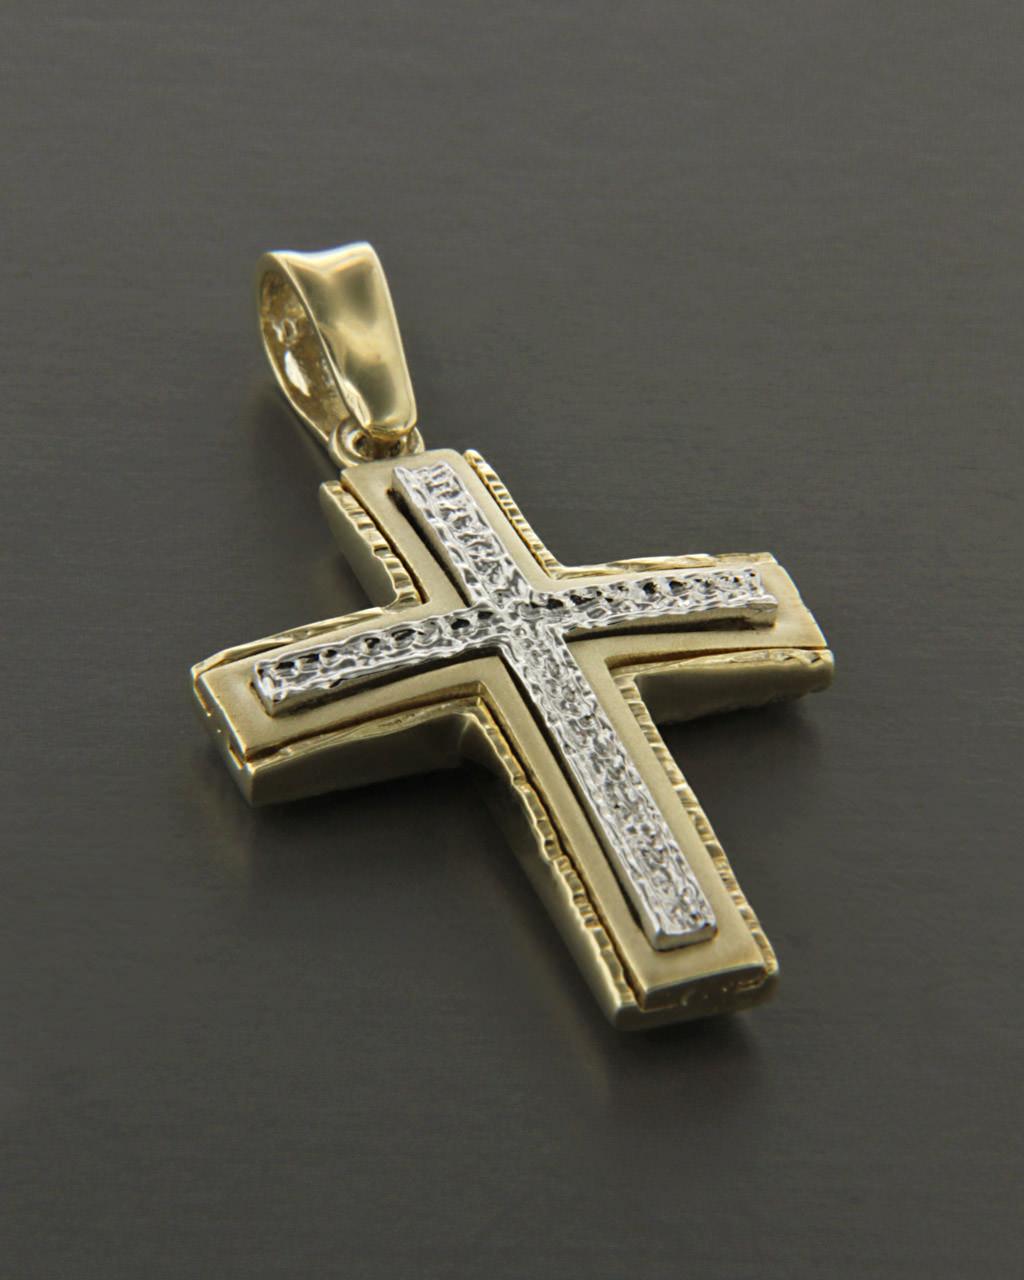 Σταυρός χρυσός & λευκόχρυσος Κ9 με Ζιργκόν δύο όψεων   παιδι βαπτιστικοί σταυροί βαπτιστικοί σταυροί για κορίτσι